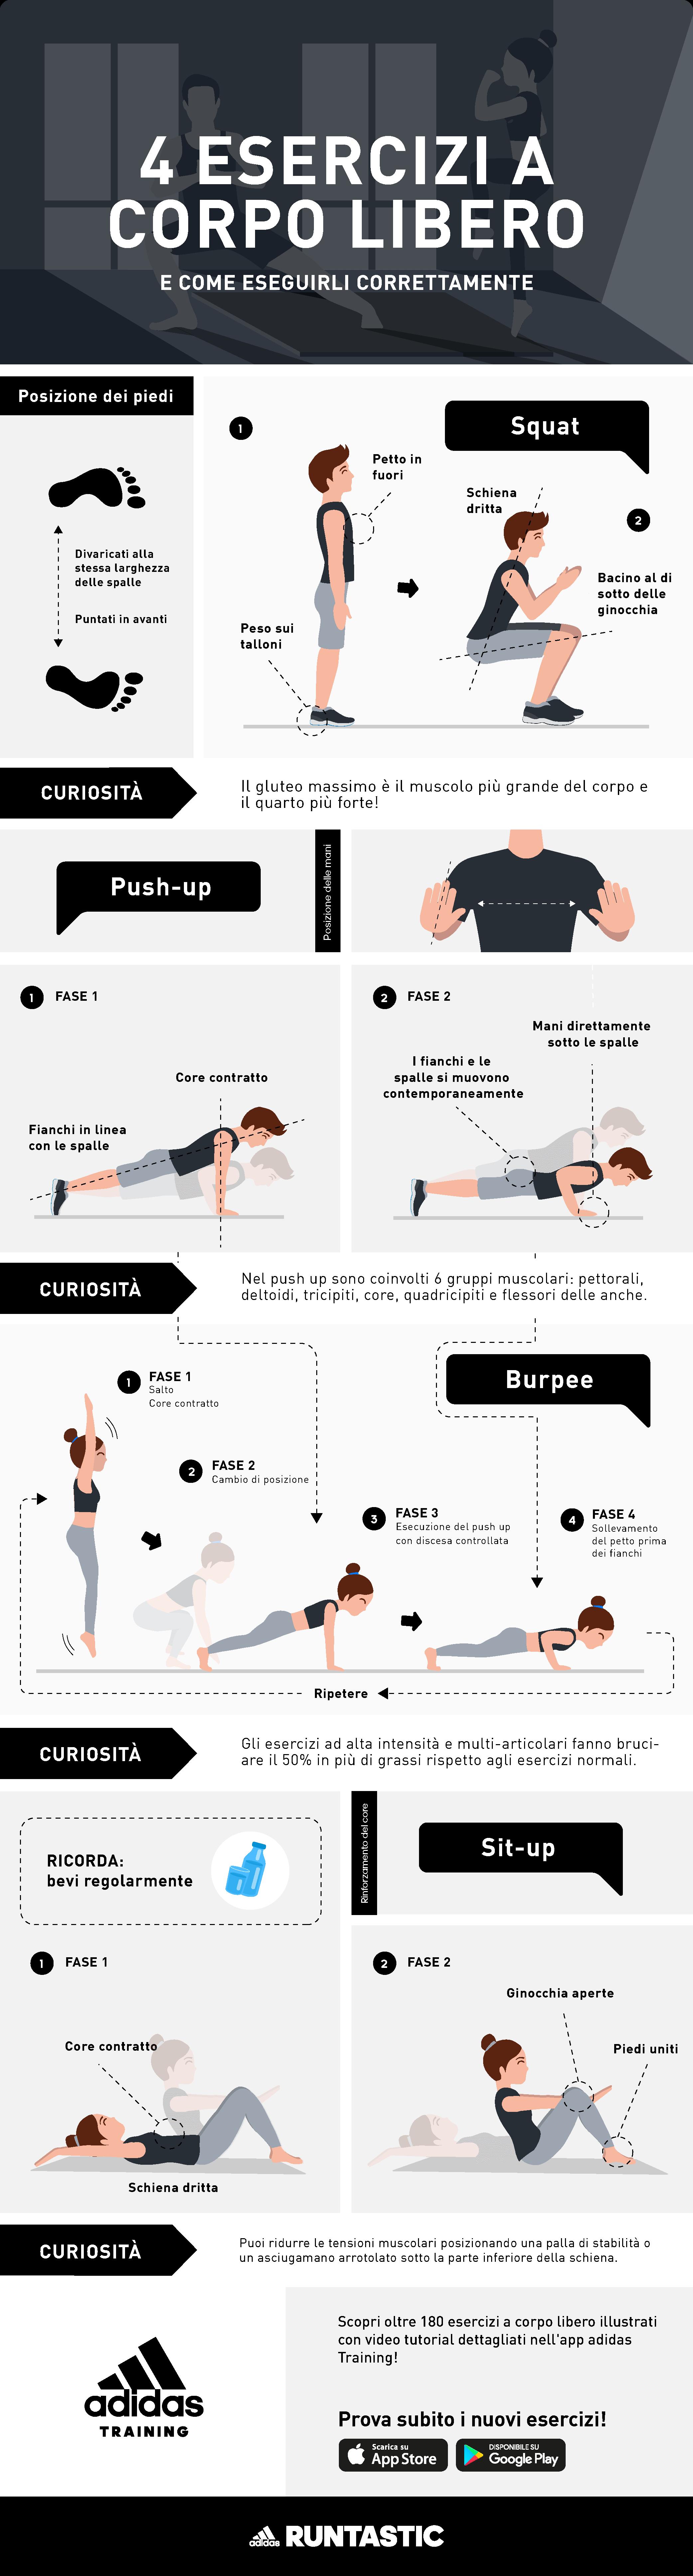 I 4 esercizi a corpo libero di base: come eseguirli